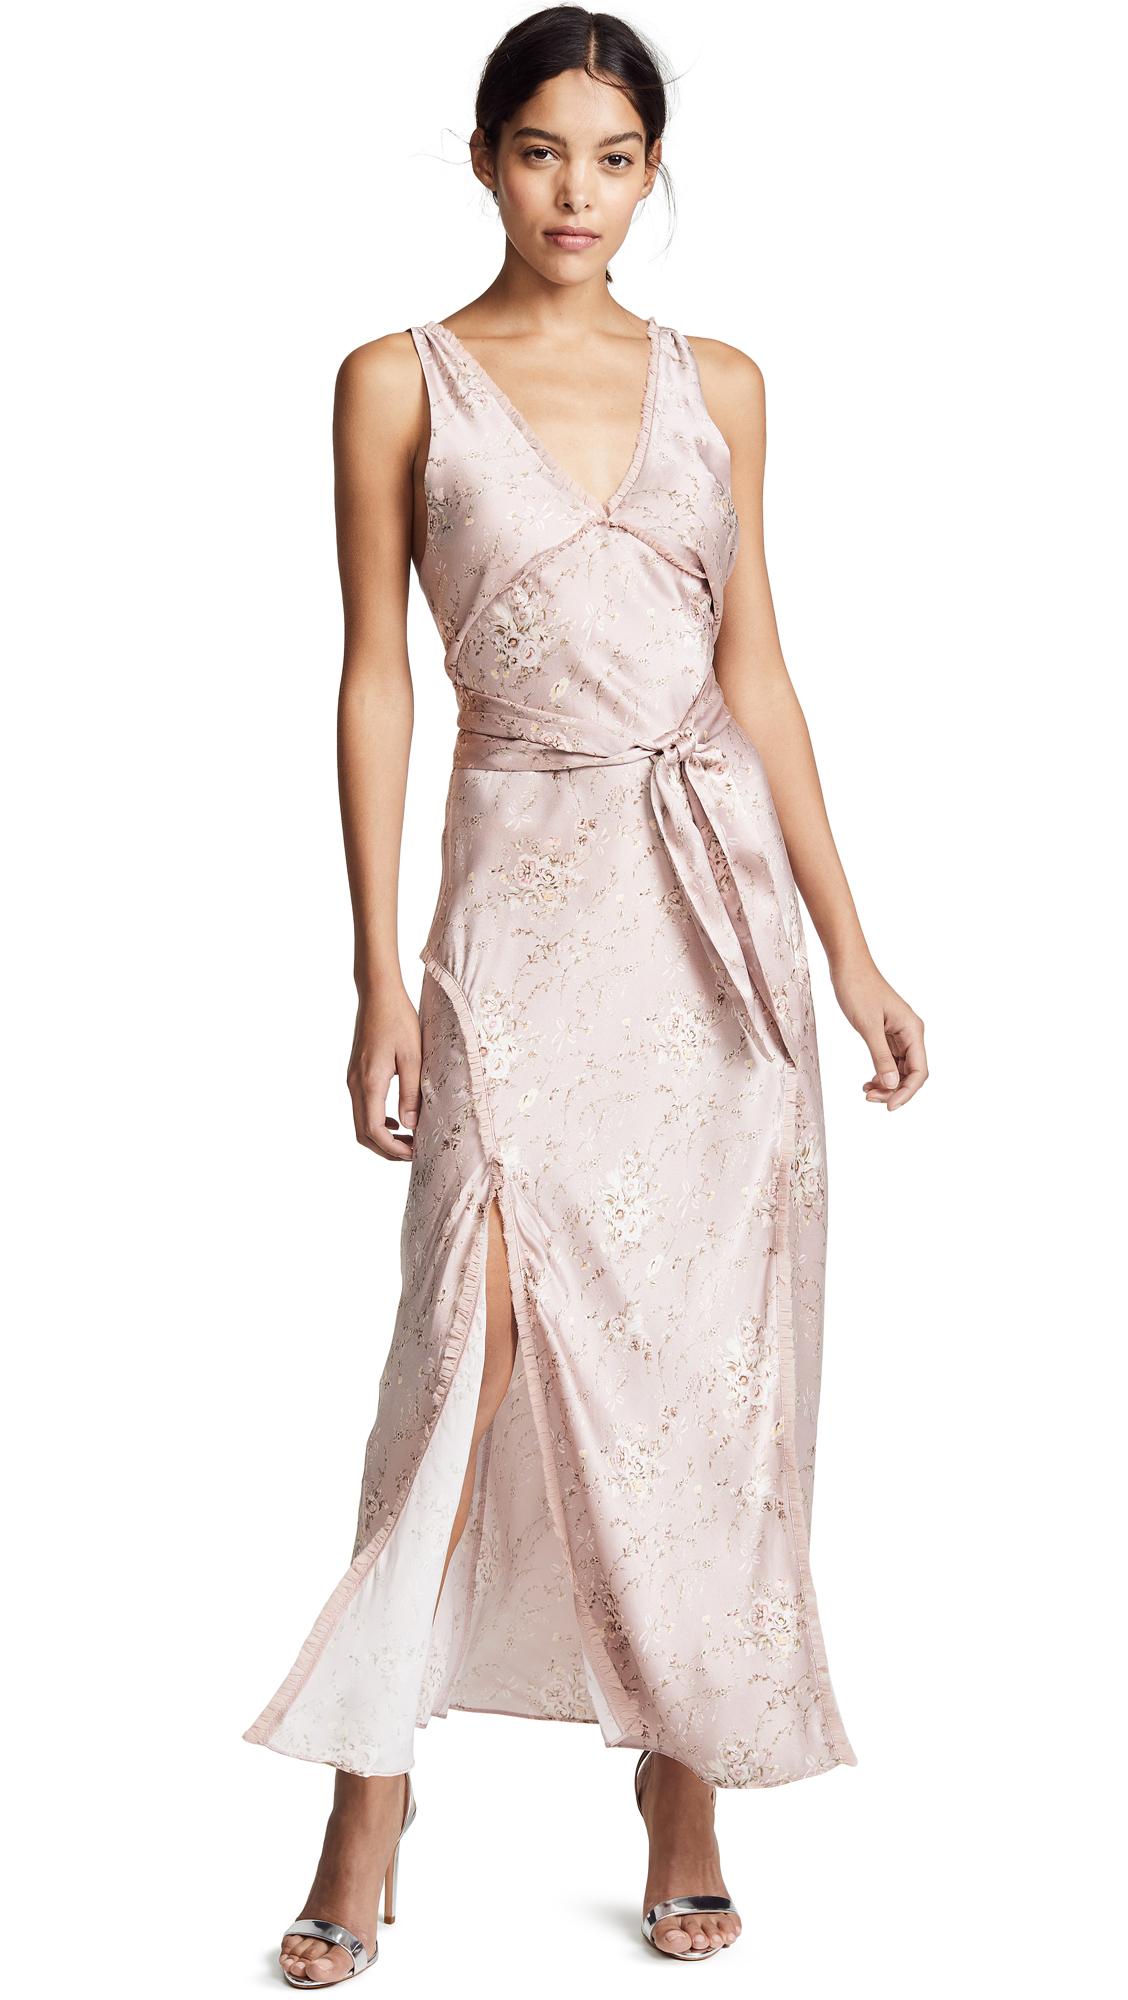 LOVESHACKFANCY Kendall Dress - Woodrose